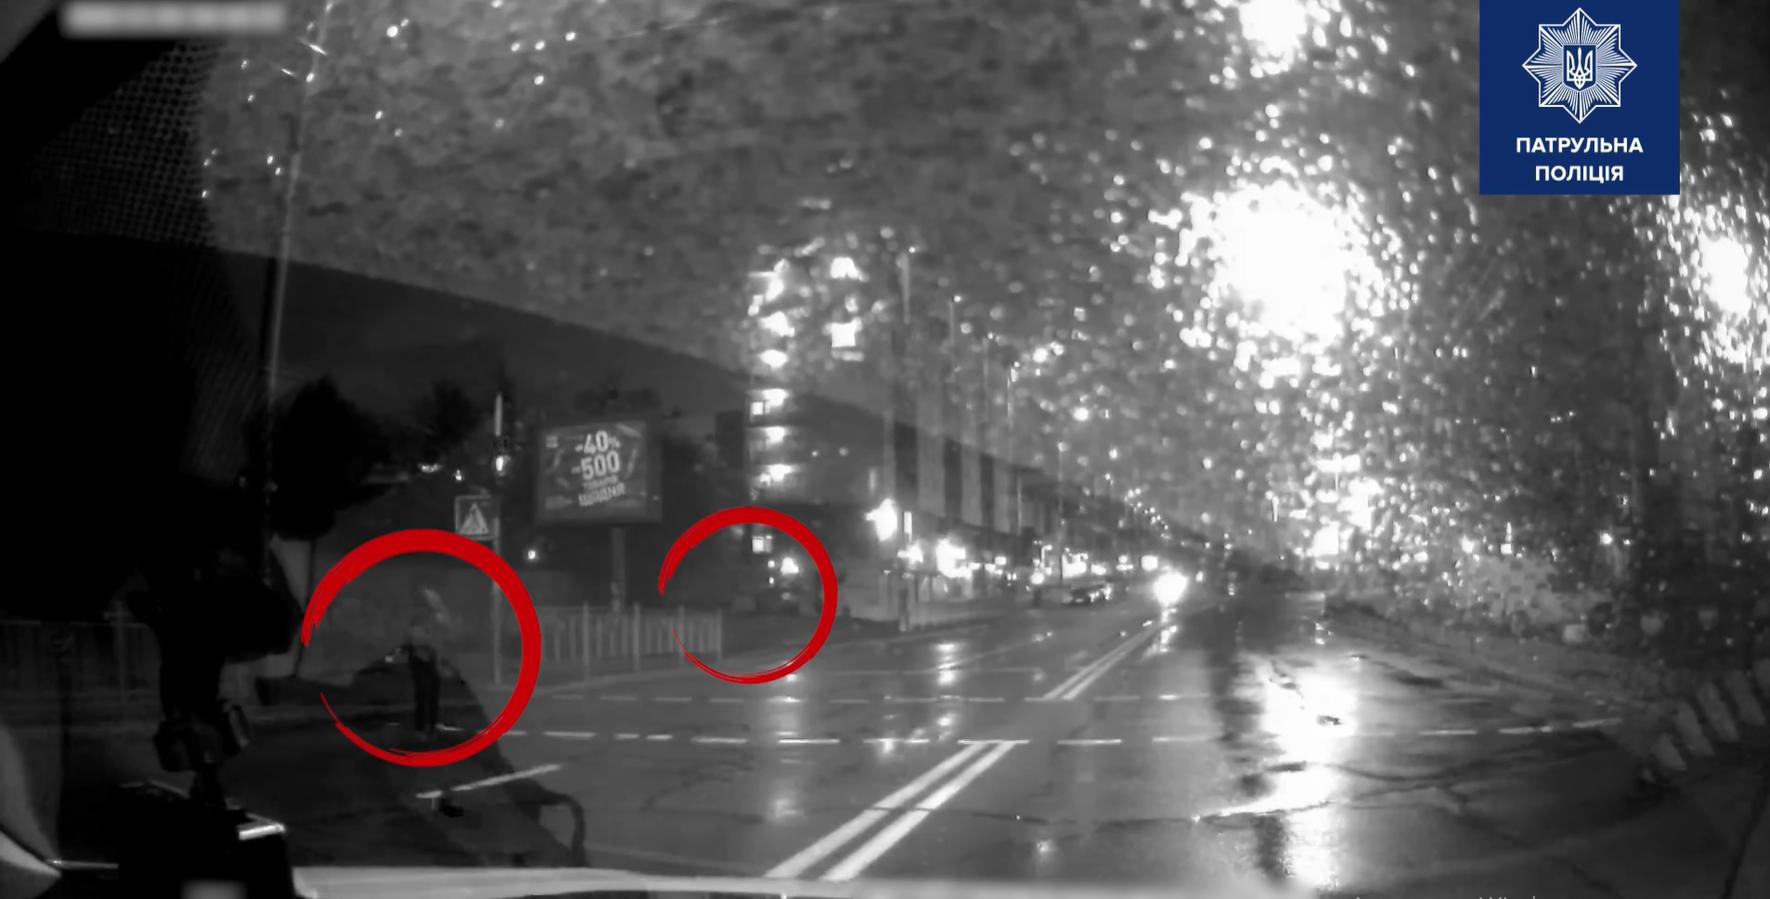 Незнайомець у Києві напав та мало не зґвалтував жінку - патрульна поліція, напад, зґвалтування, Грабіж - Bezymyannyj 2